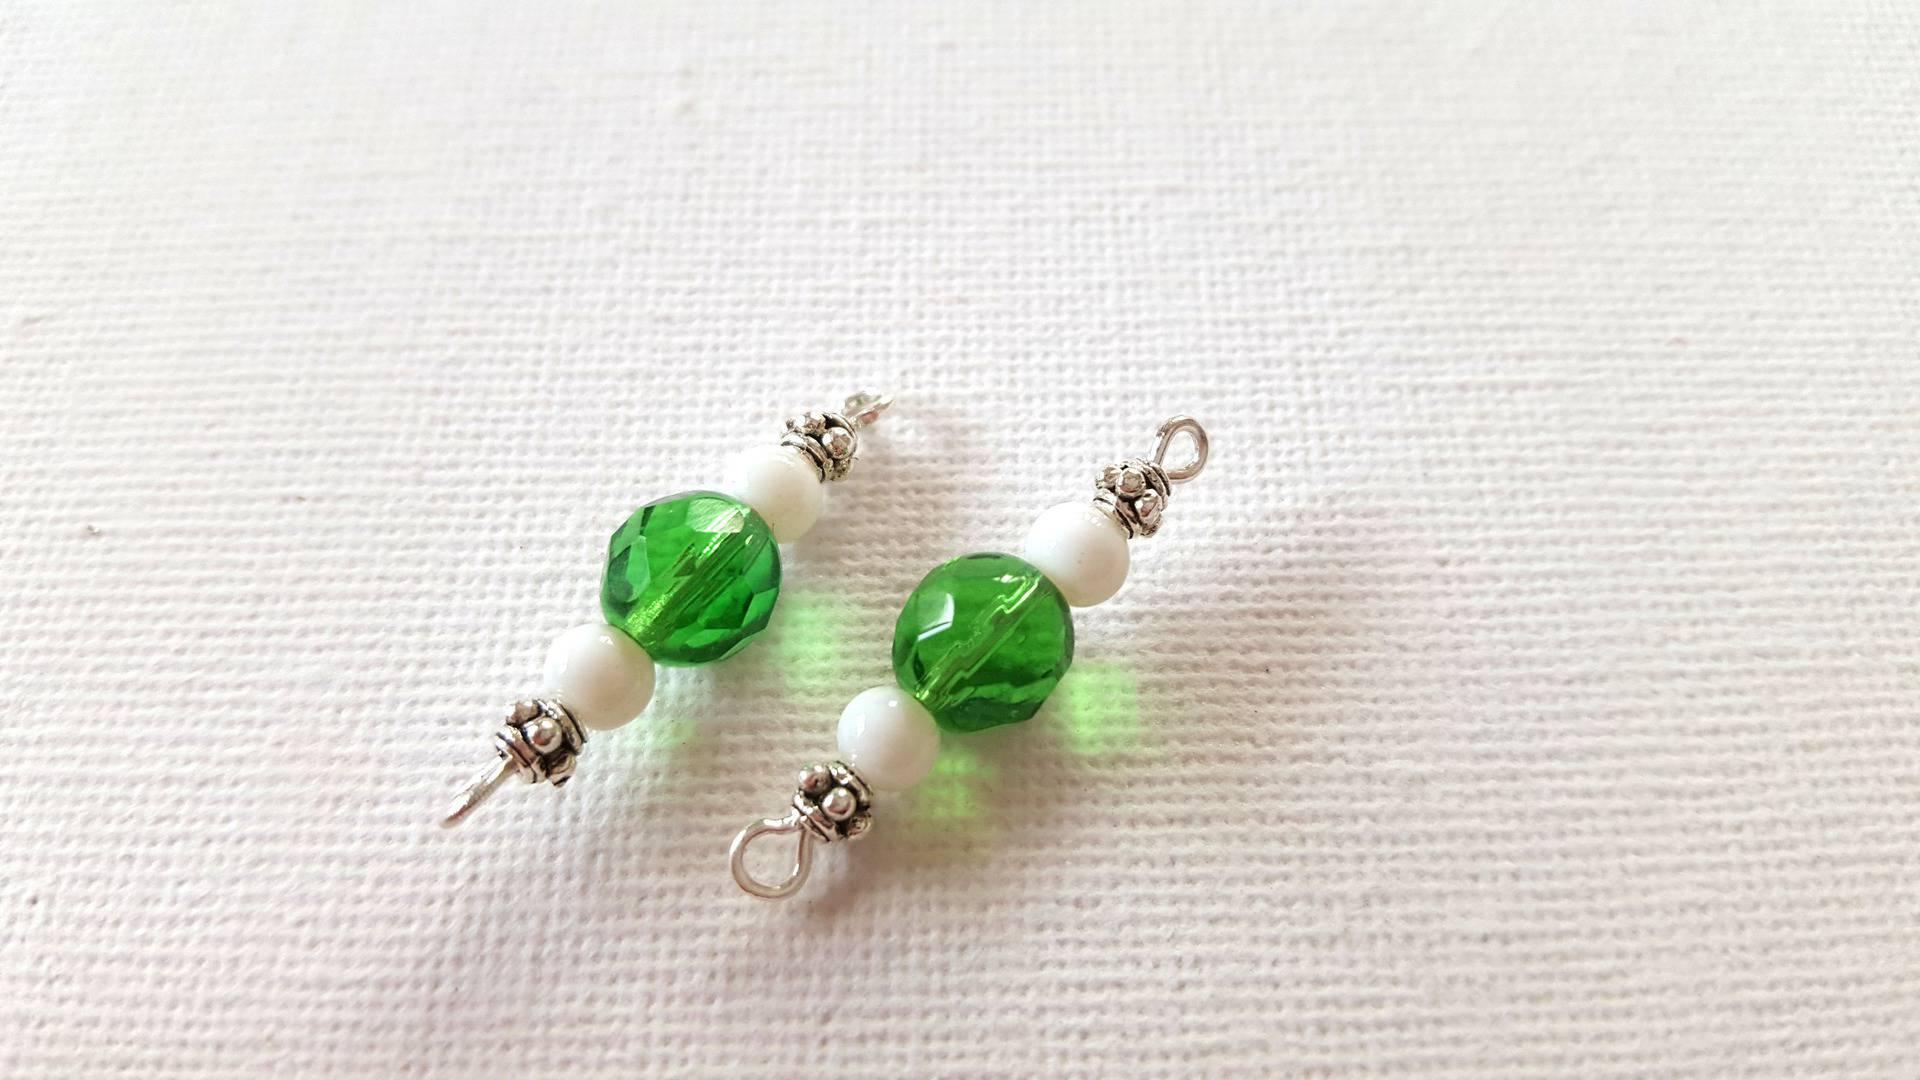 27A- 2 Connecteurs perles verre à facettes vert transparent, perles rondes verre blanc, perles métal argenté